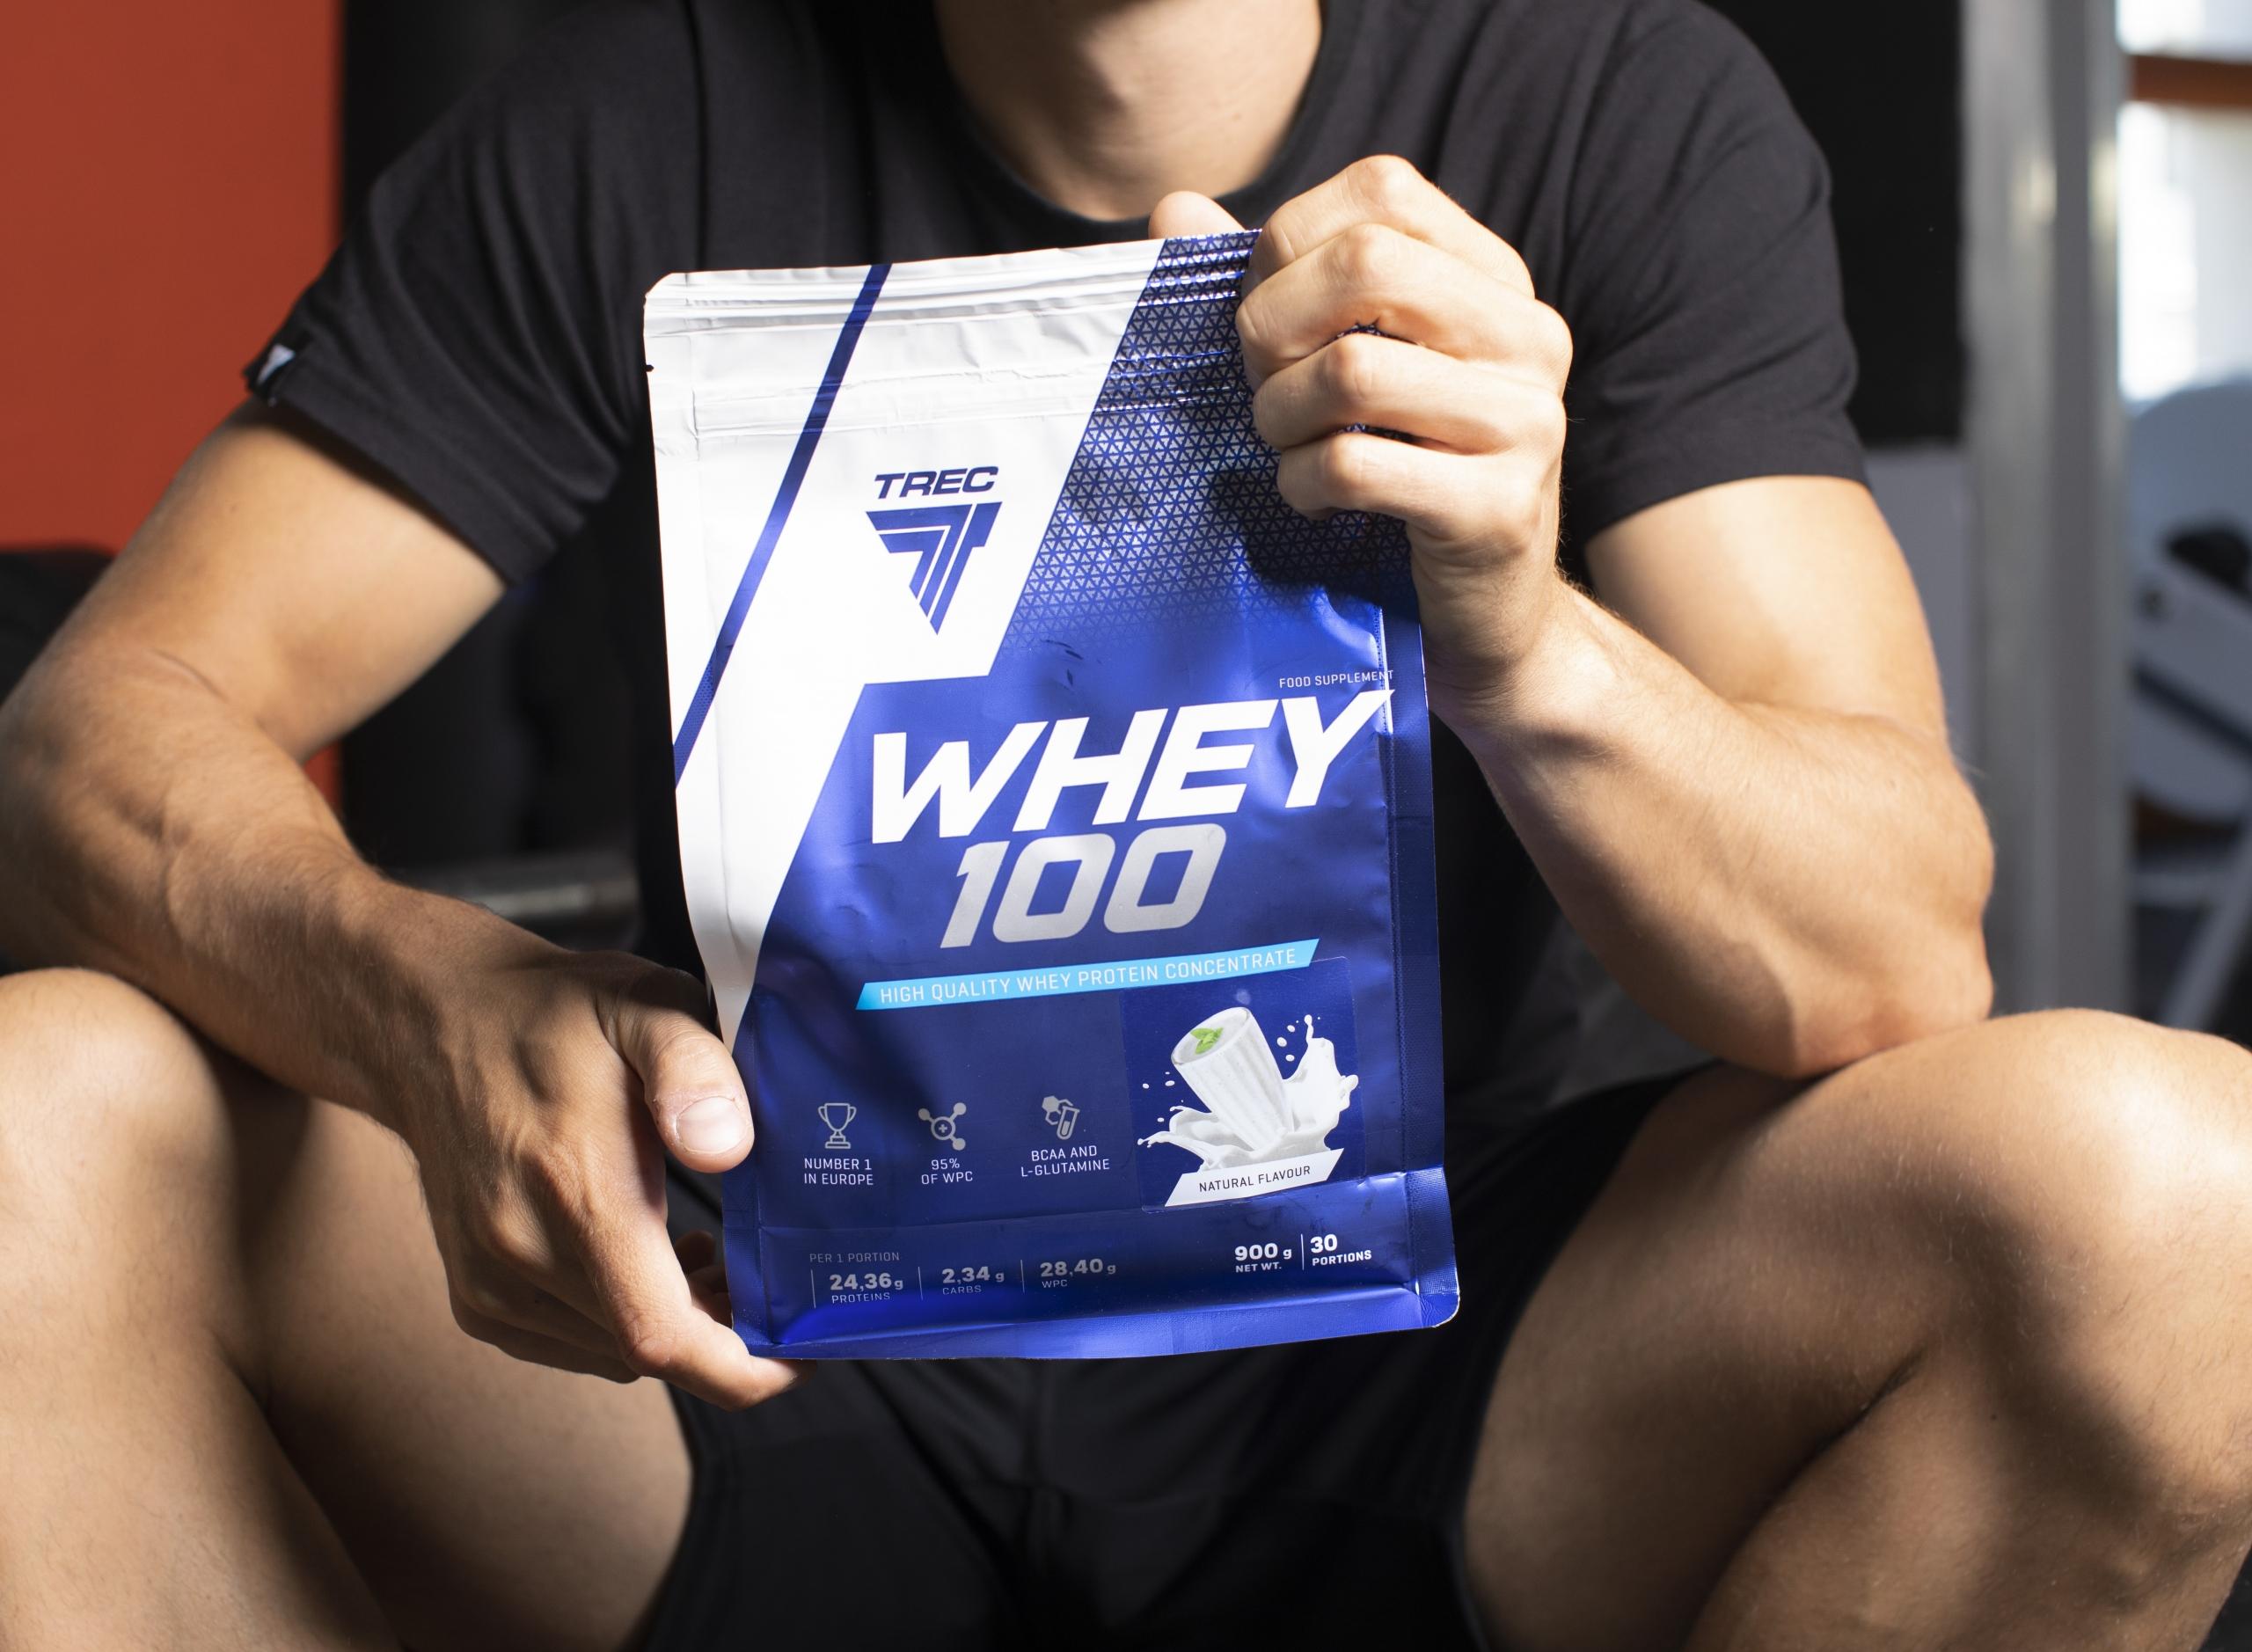 białko whey 100 trec nutrition